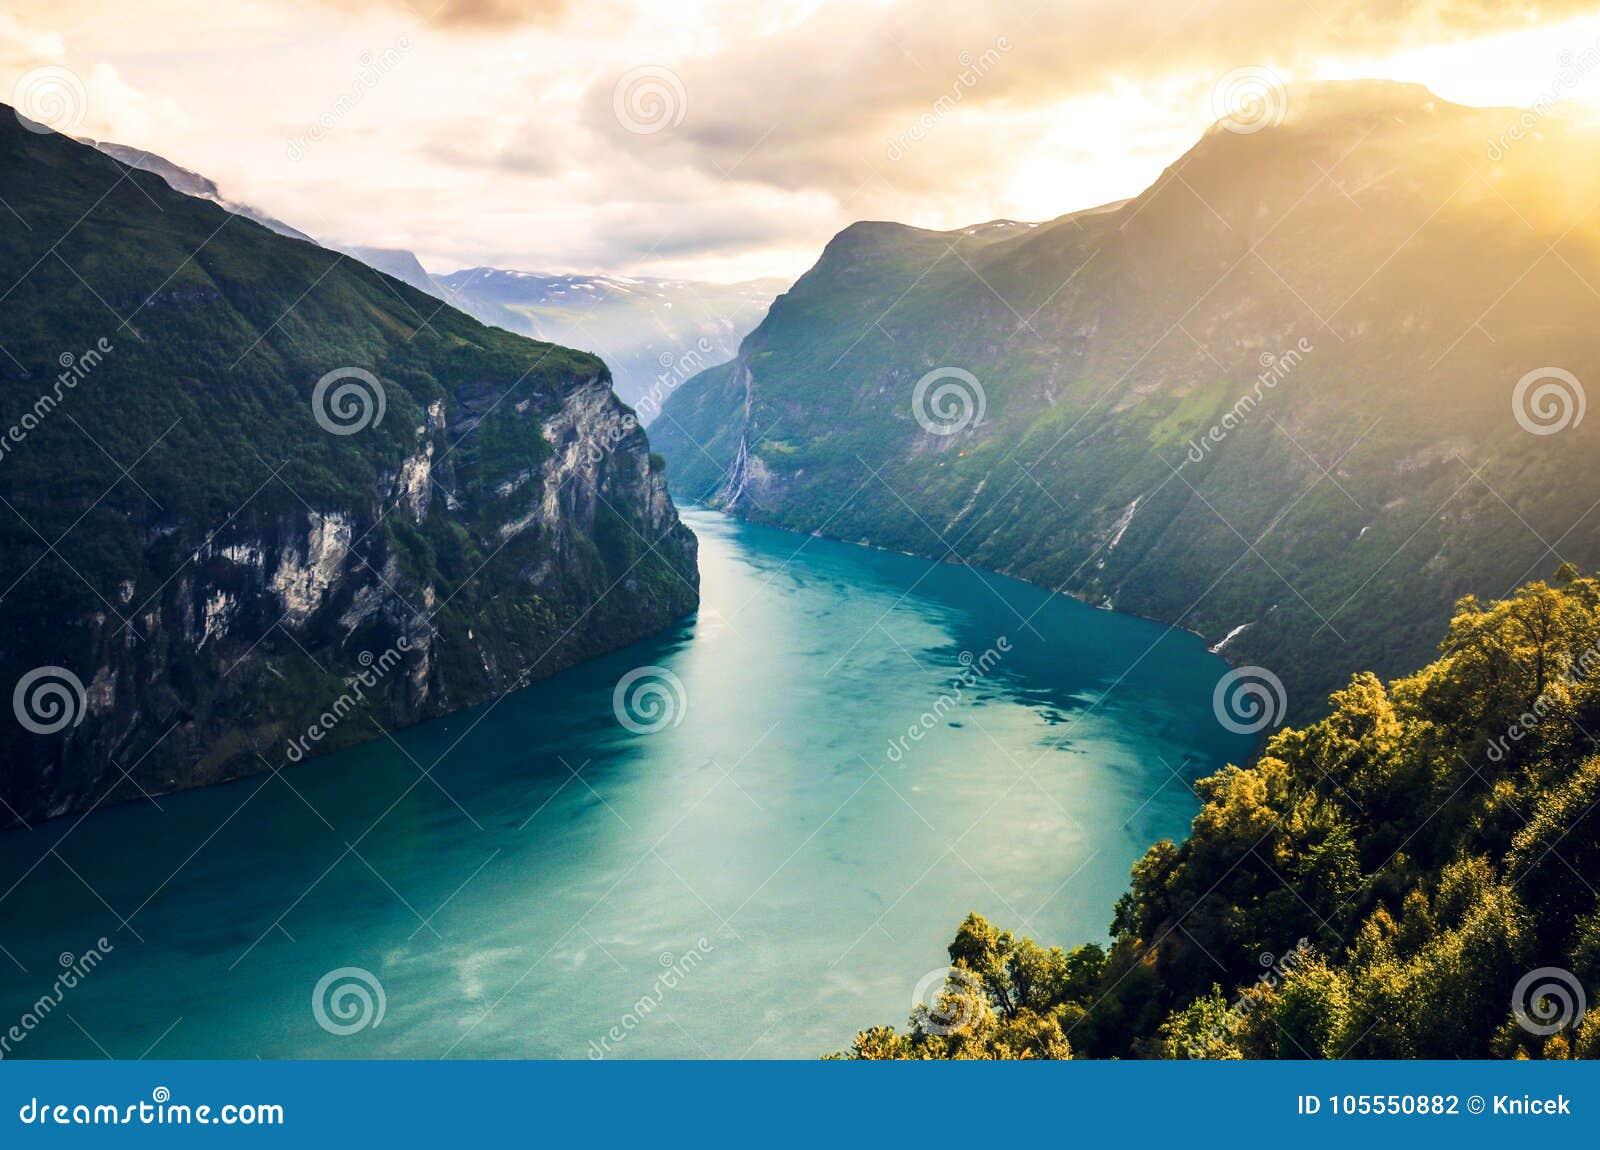 Berühmtes Geirangerfjord im weichen, warmen Licht im Sommer Geiranger, Norwegen, Skandinavien